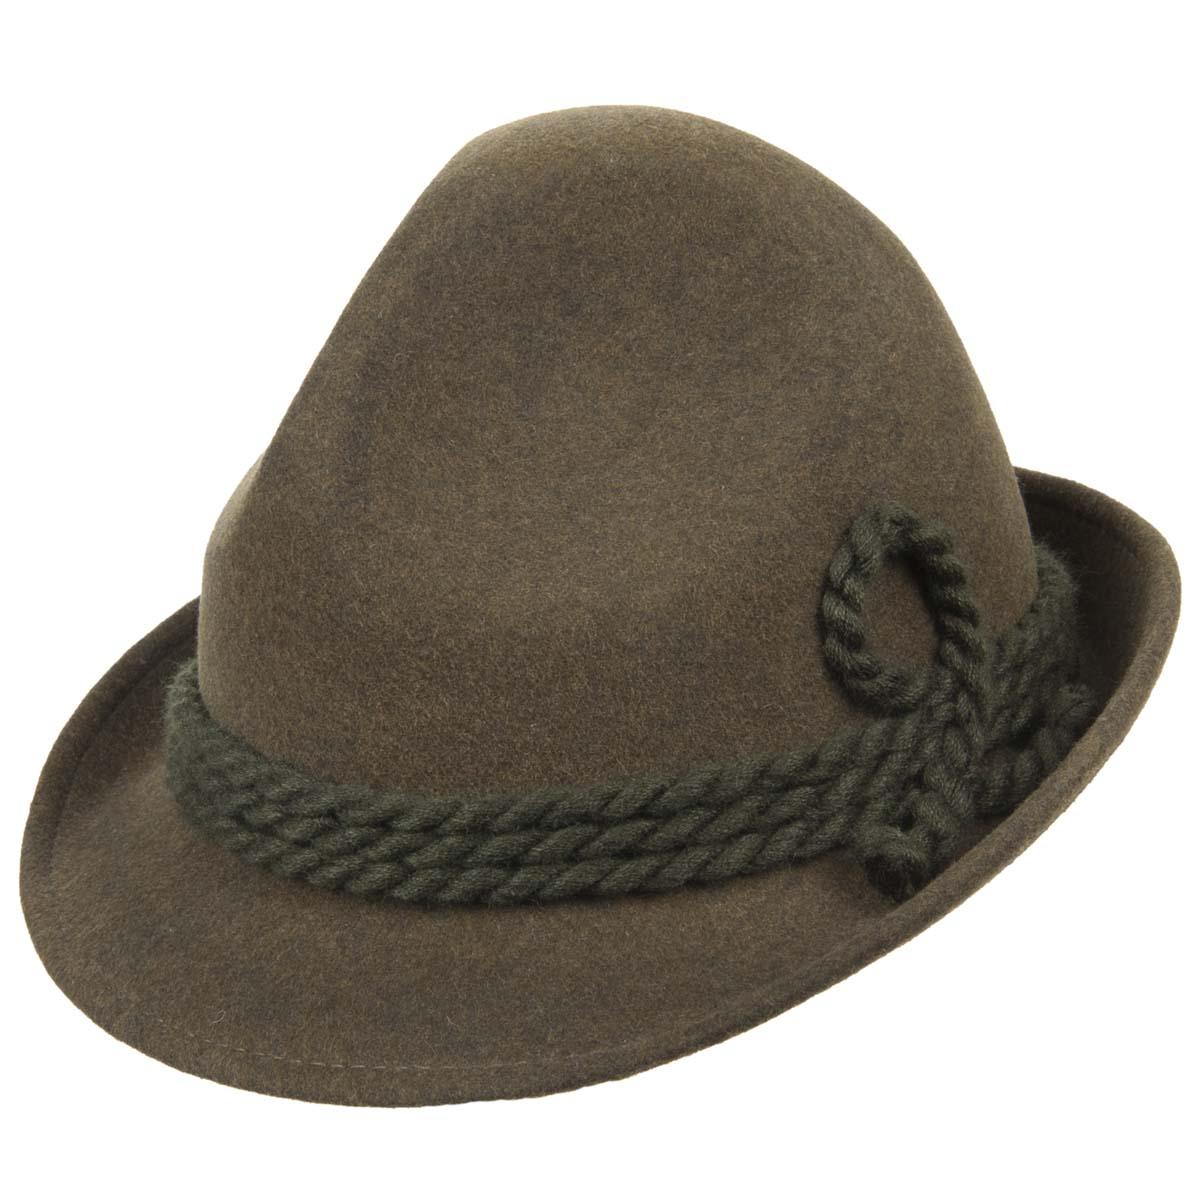 cappello caccia Bruno in feltro morbido firmato HUTTER ... 383ee957e6aa